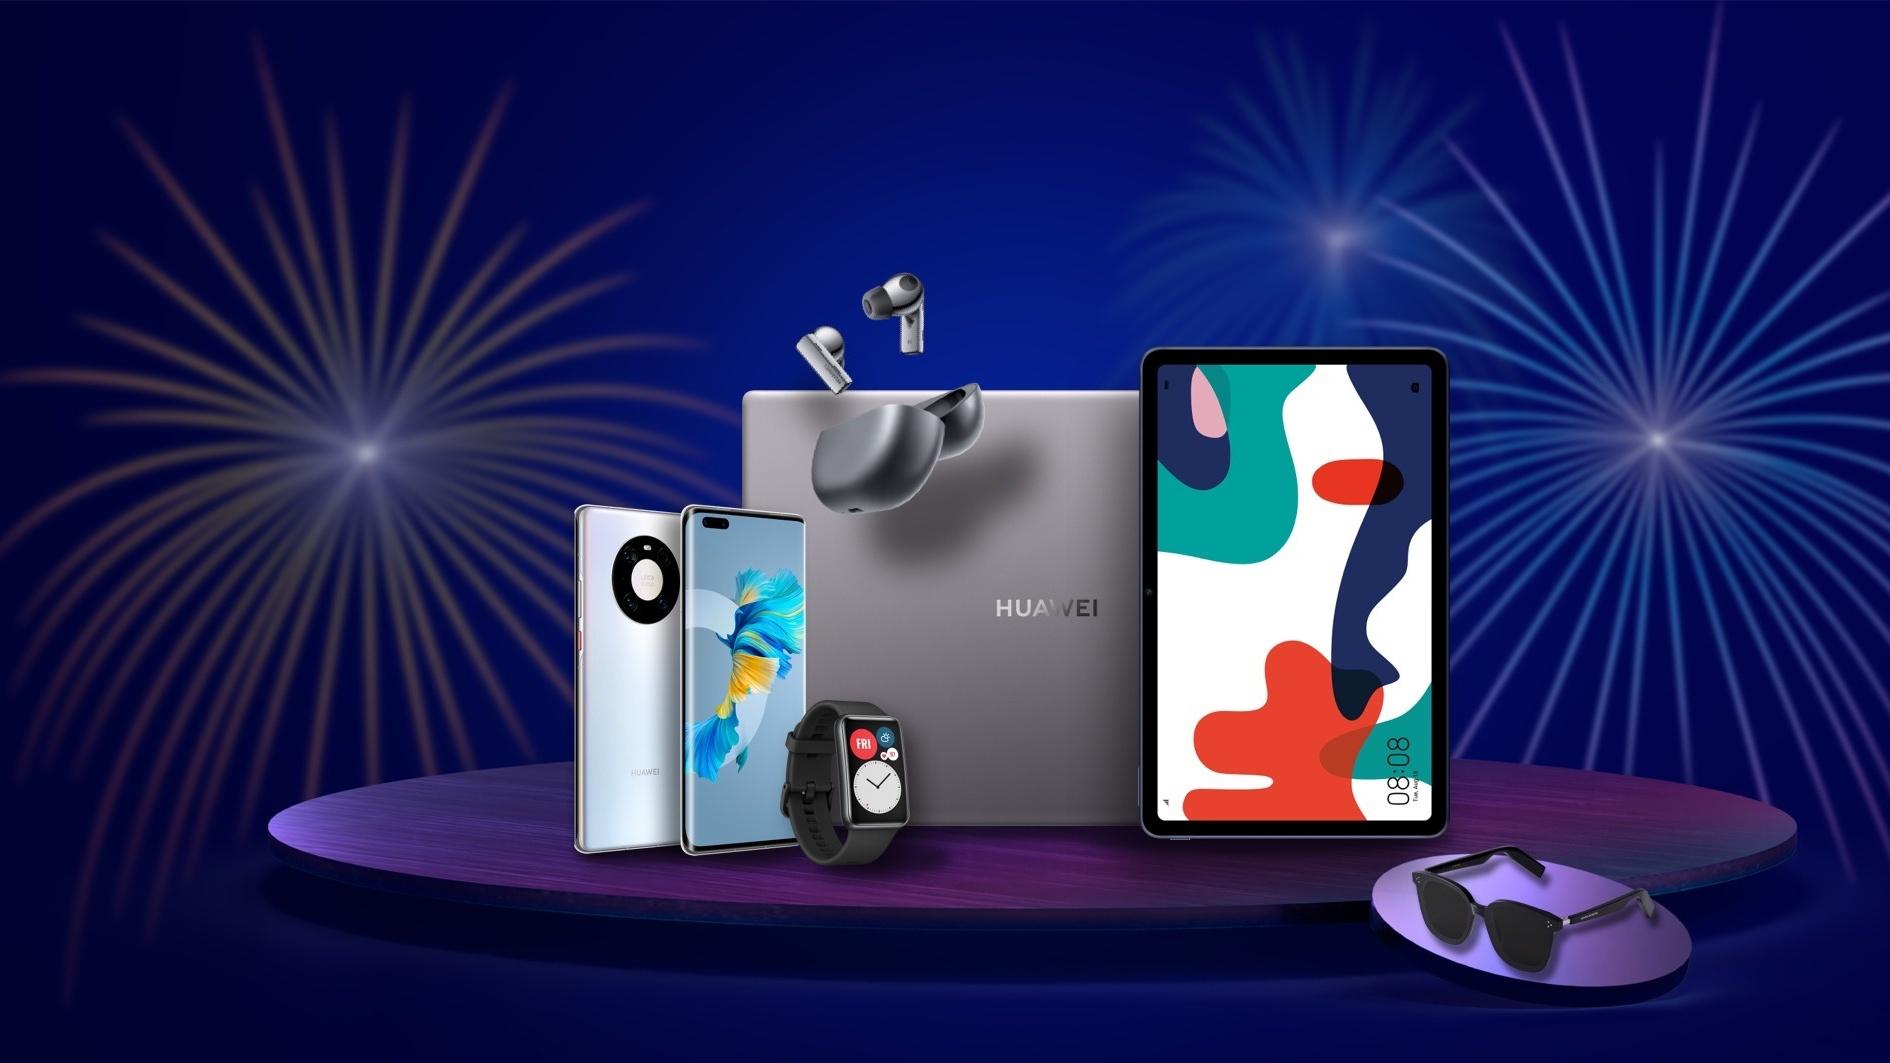 Sconti oltre il 40% su smartphone, tablet e accessori per la Huawei Week